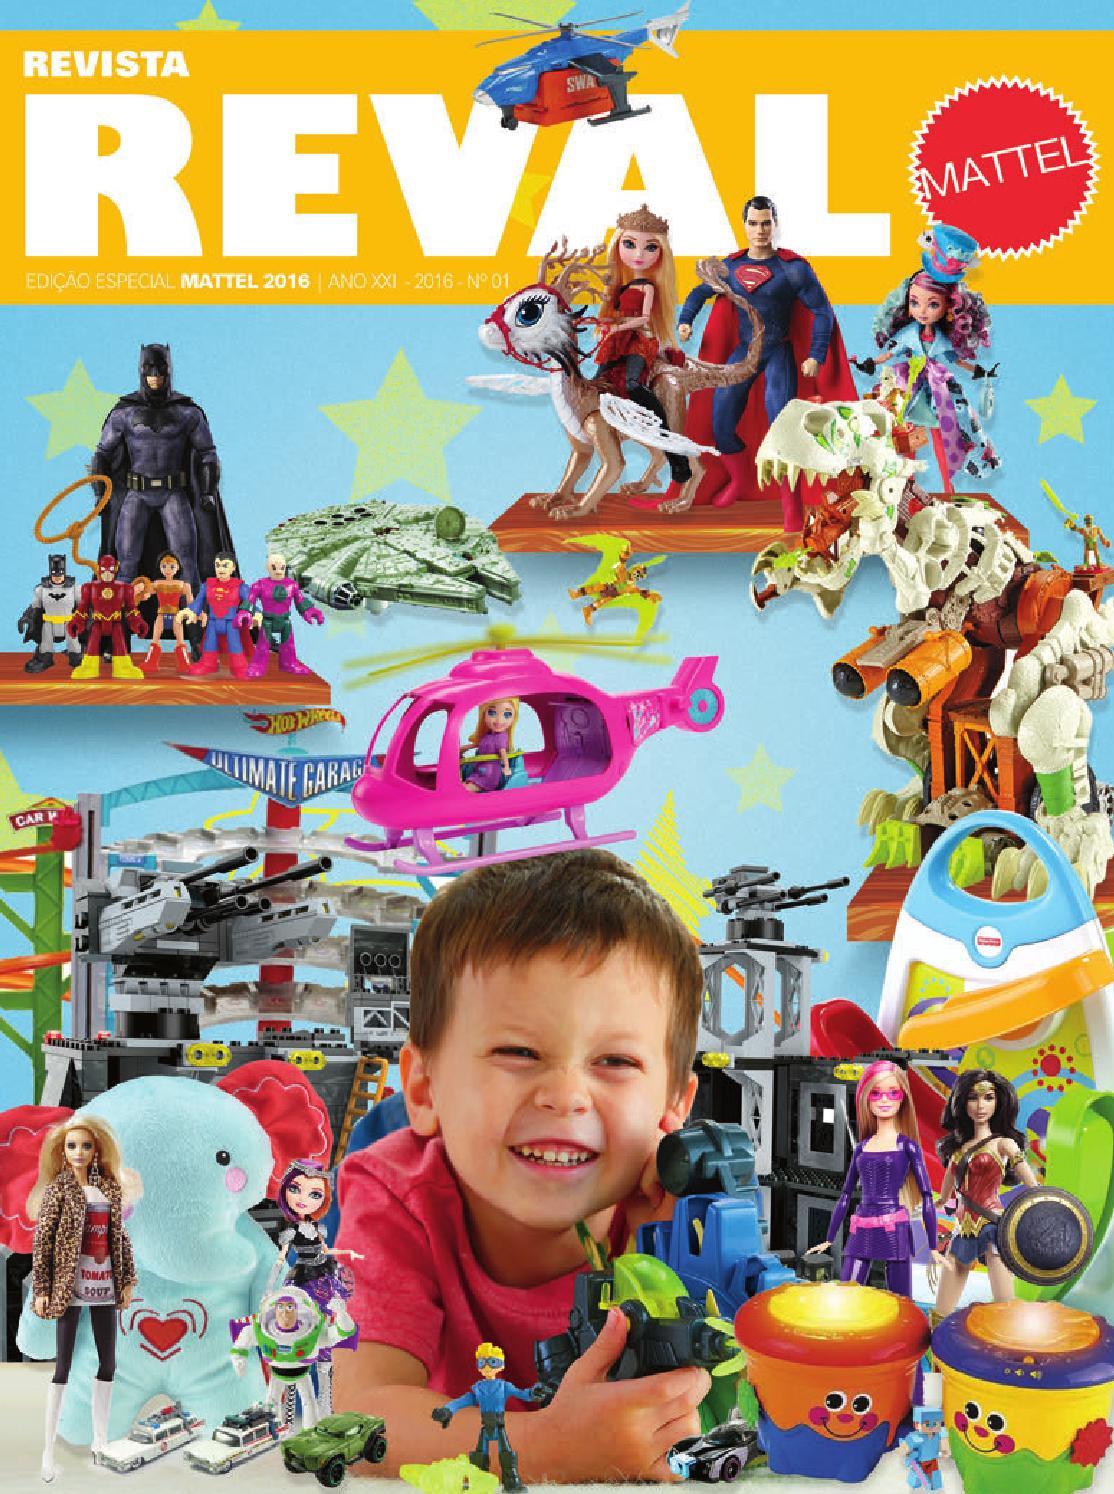 Revista Reval Mattel 2016 by Reval Atacado de Papelaria Ltda. - issuu 9354623e6e3